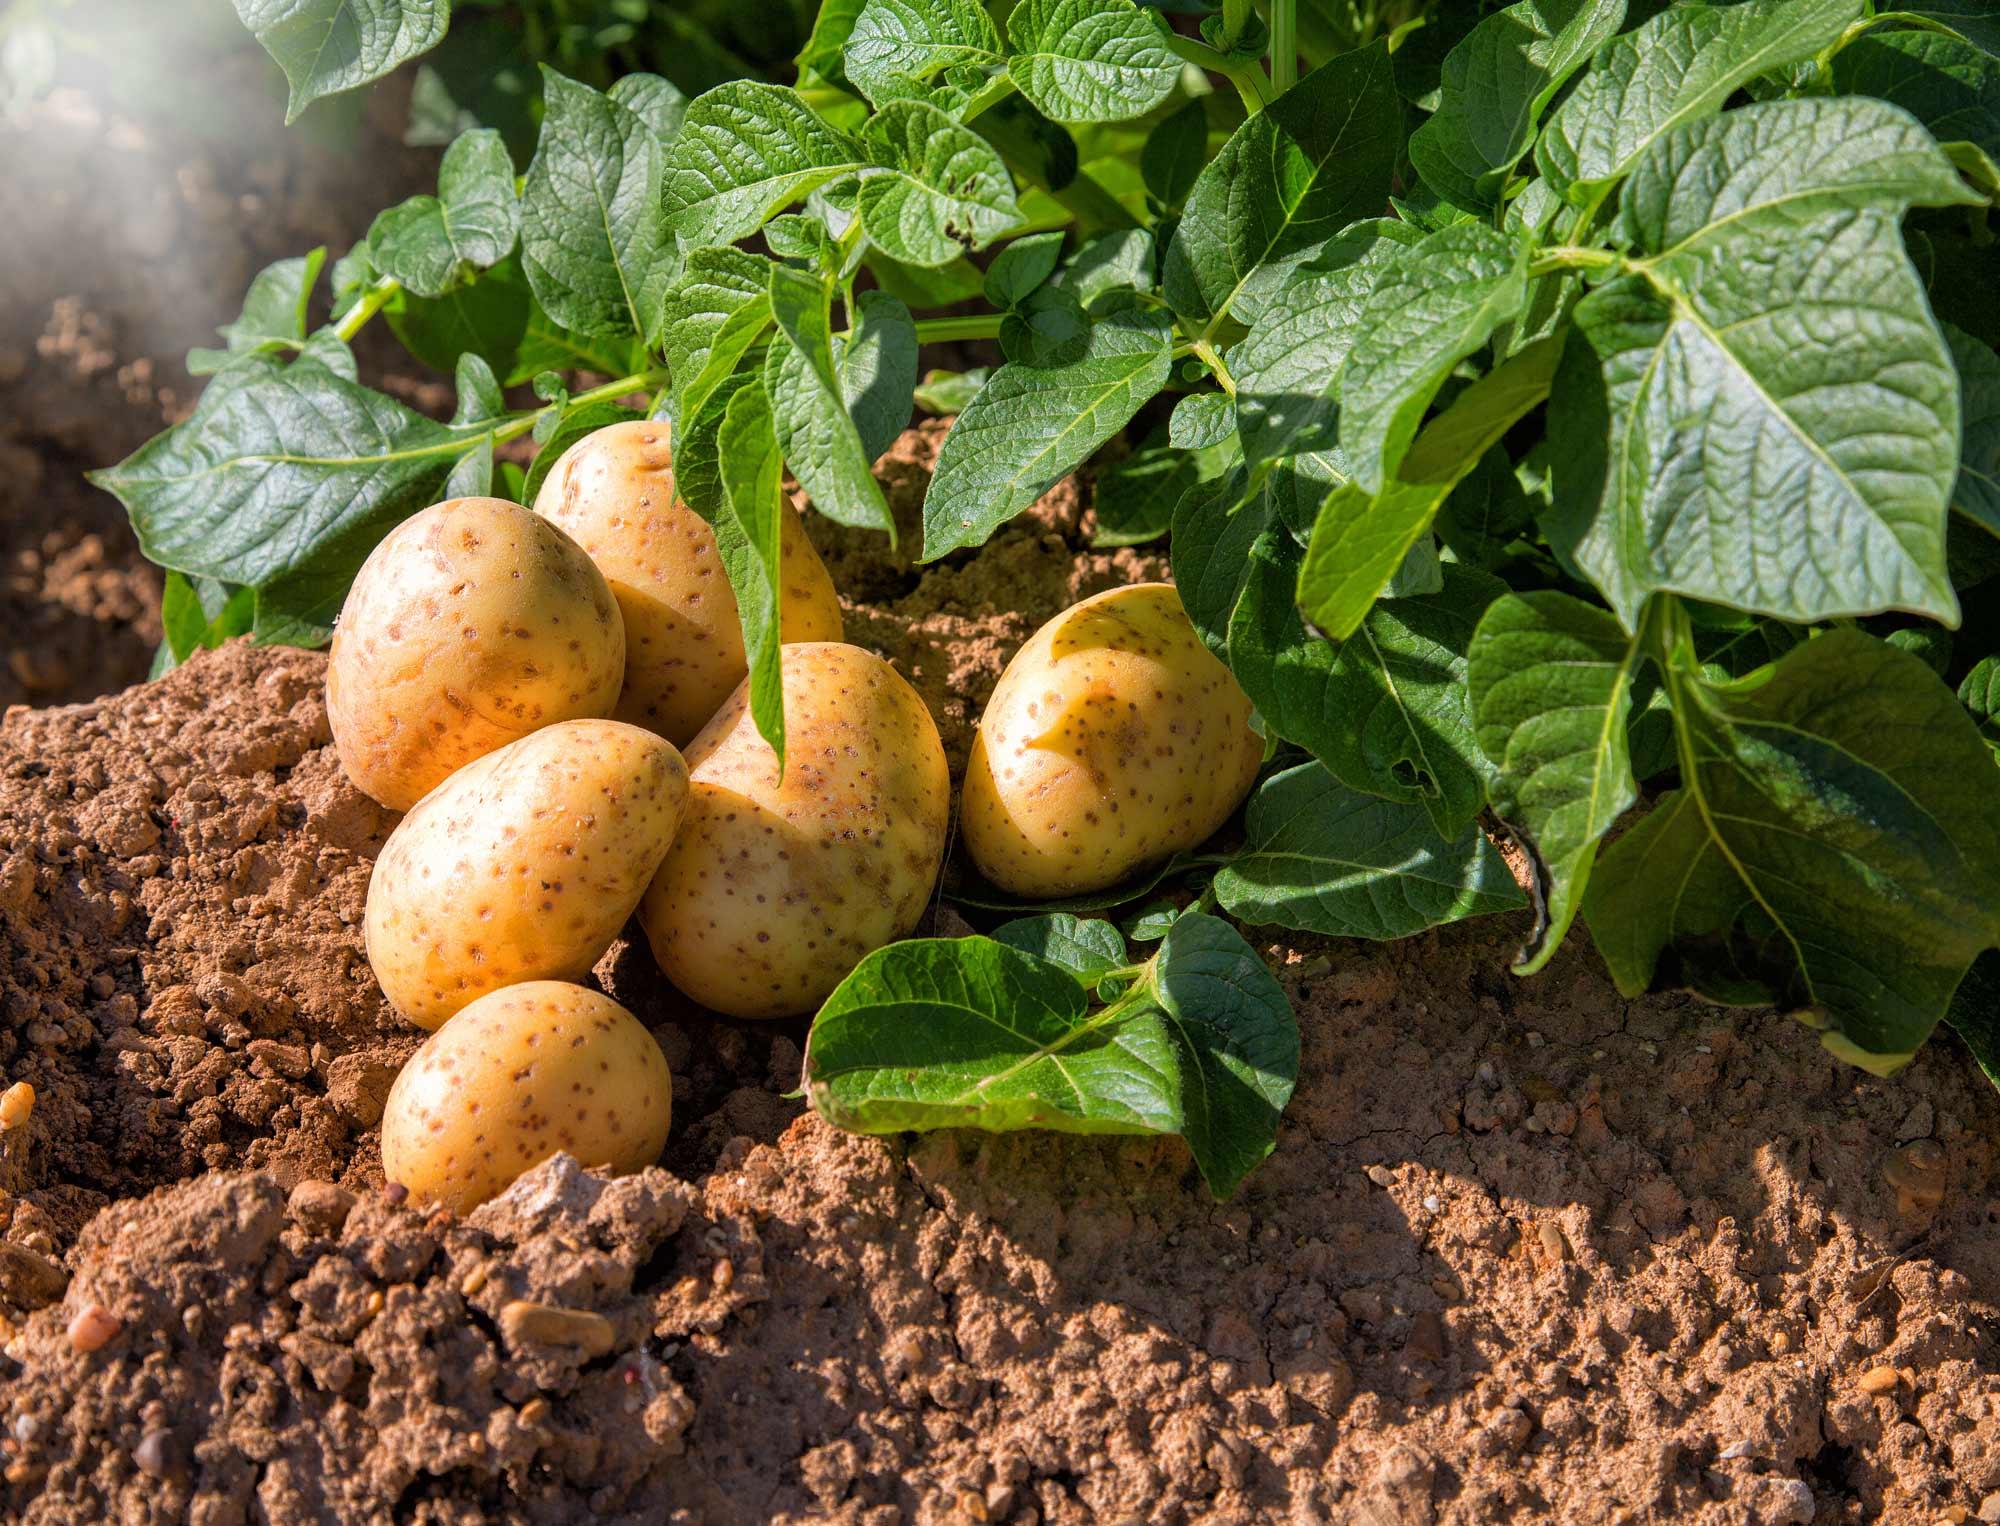 Как называется плод картофеля: клубень или ягода - молочай